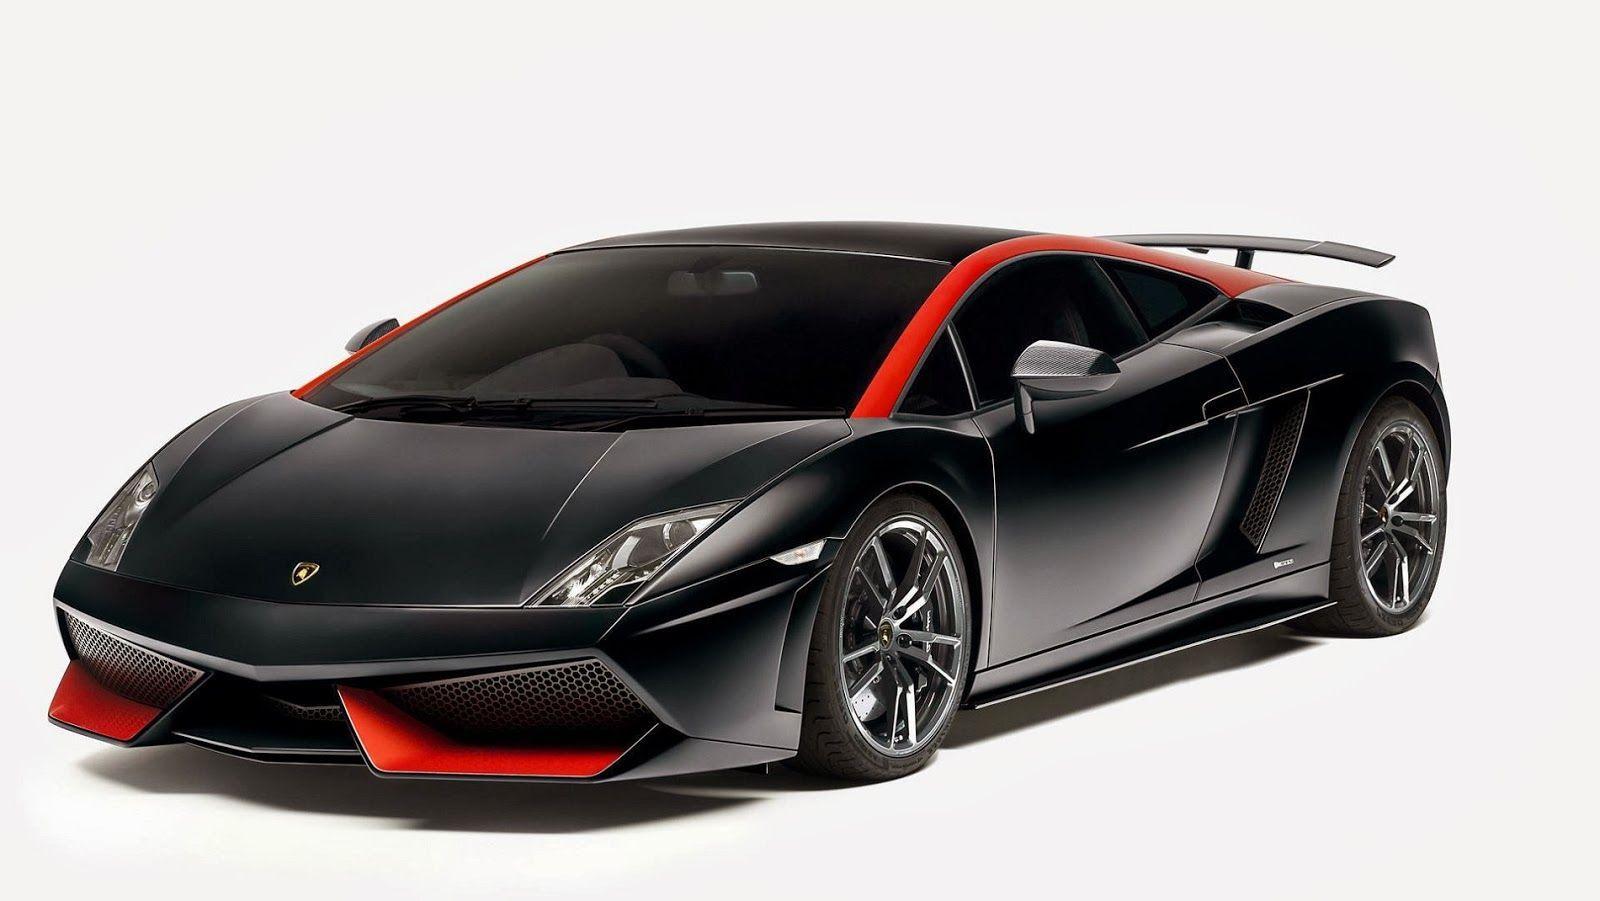 66 Best Free Red Lamborghini Wallpapers